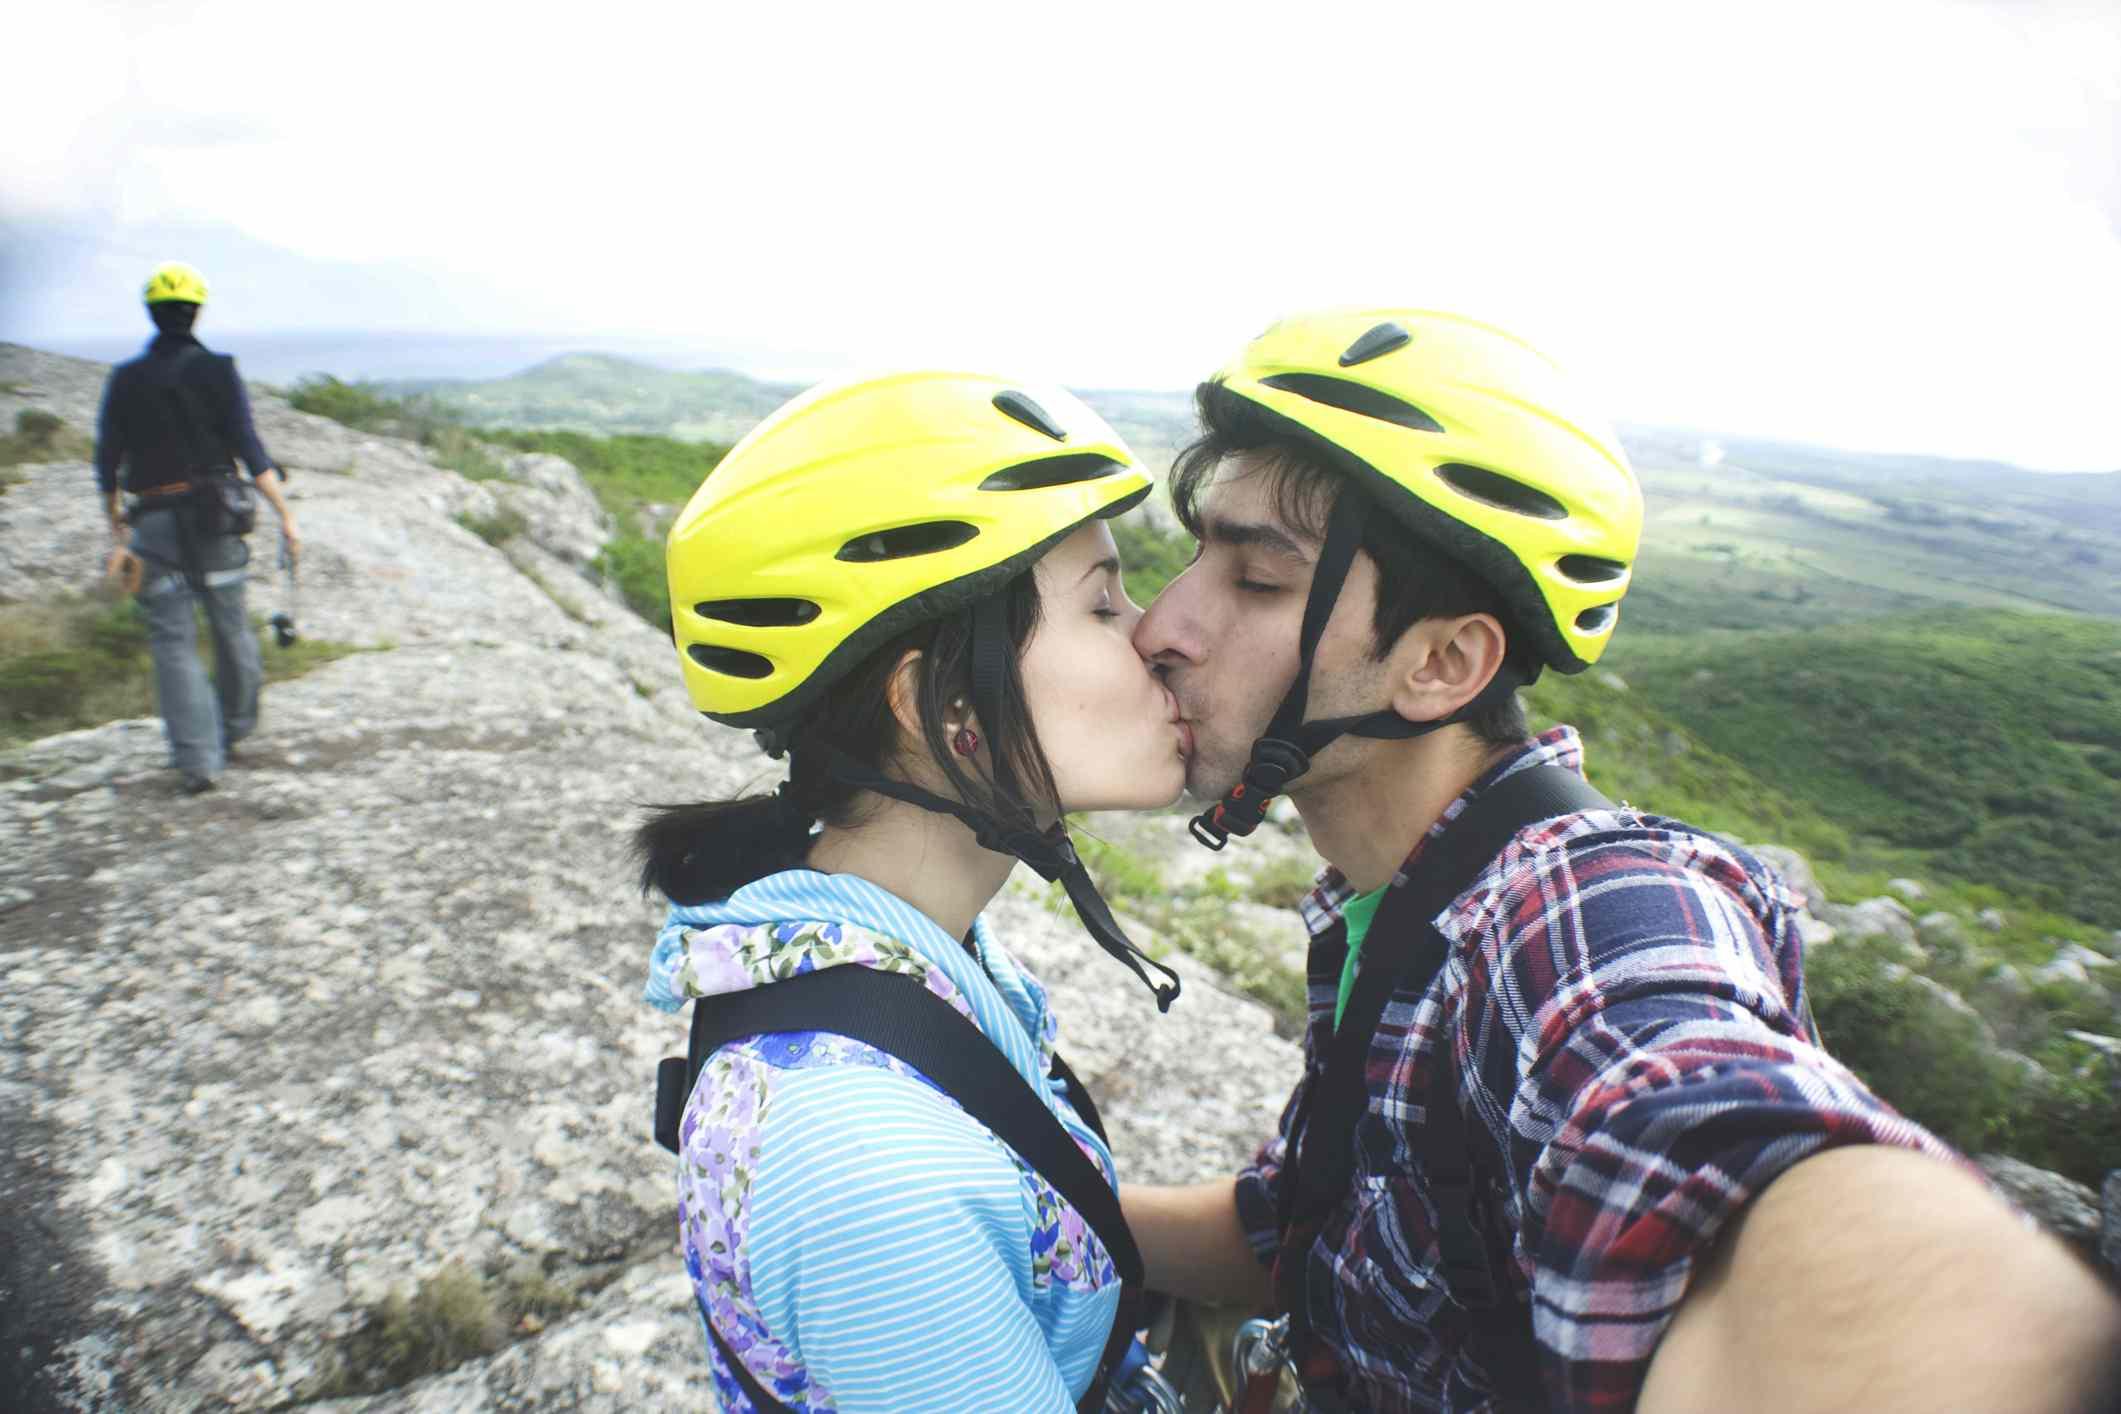 Couple on an adventure wearing helmets